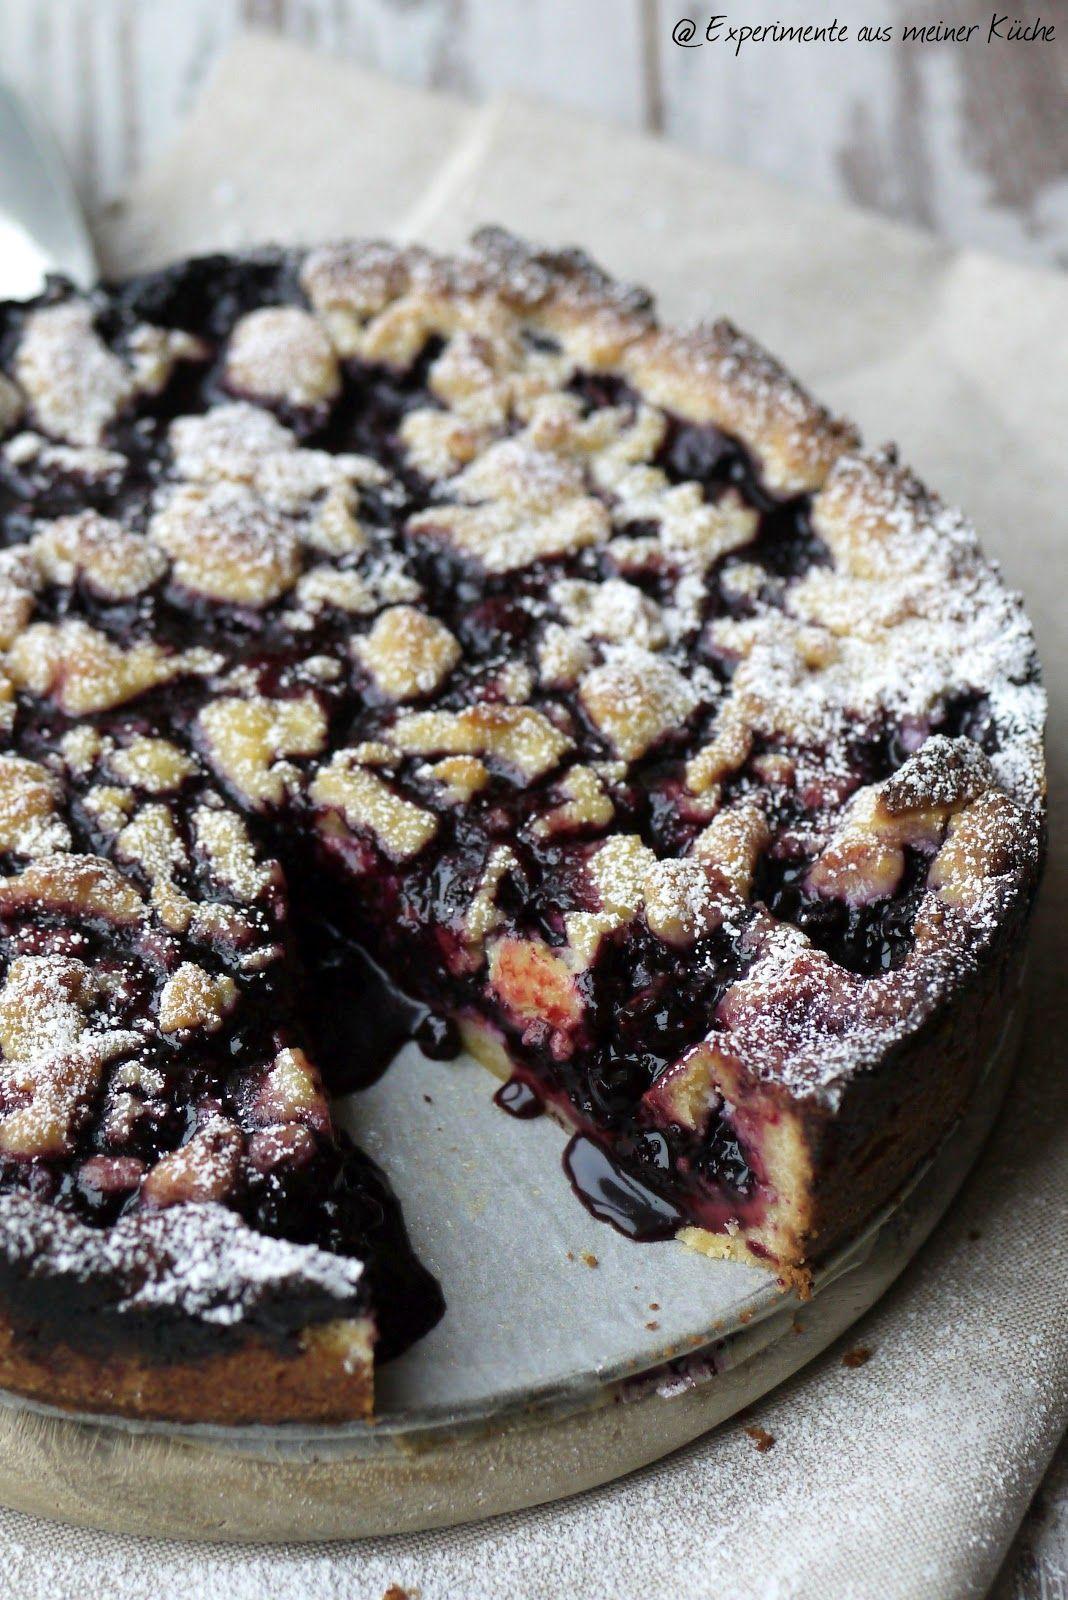 Experimente aus meiner Küche: Heidelbeer-Marzipan-Streuselkuchen